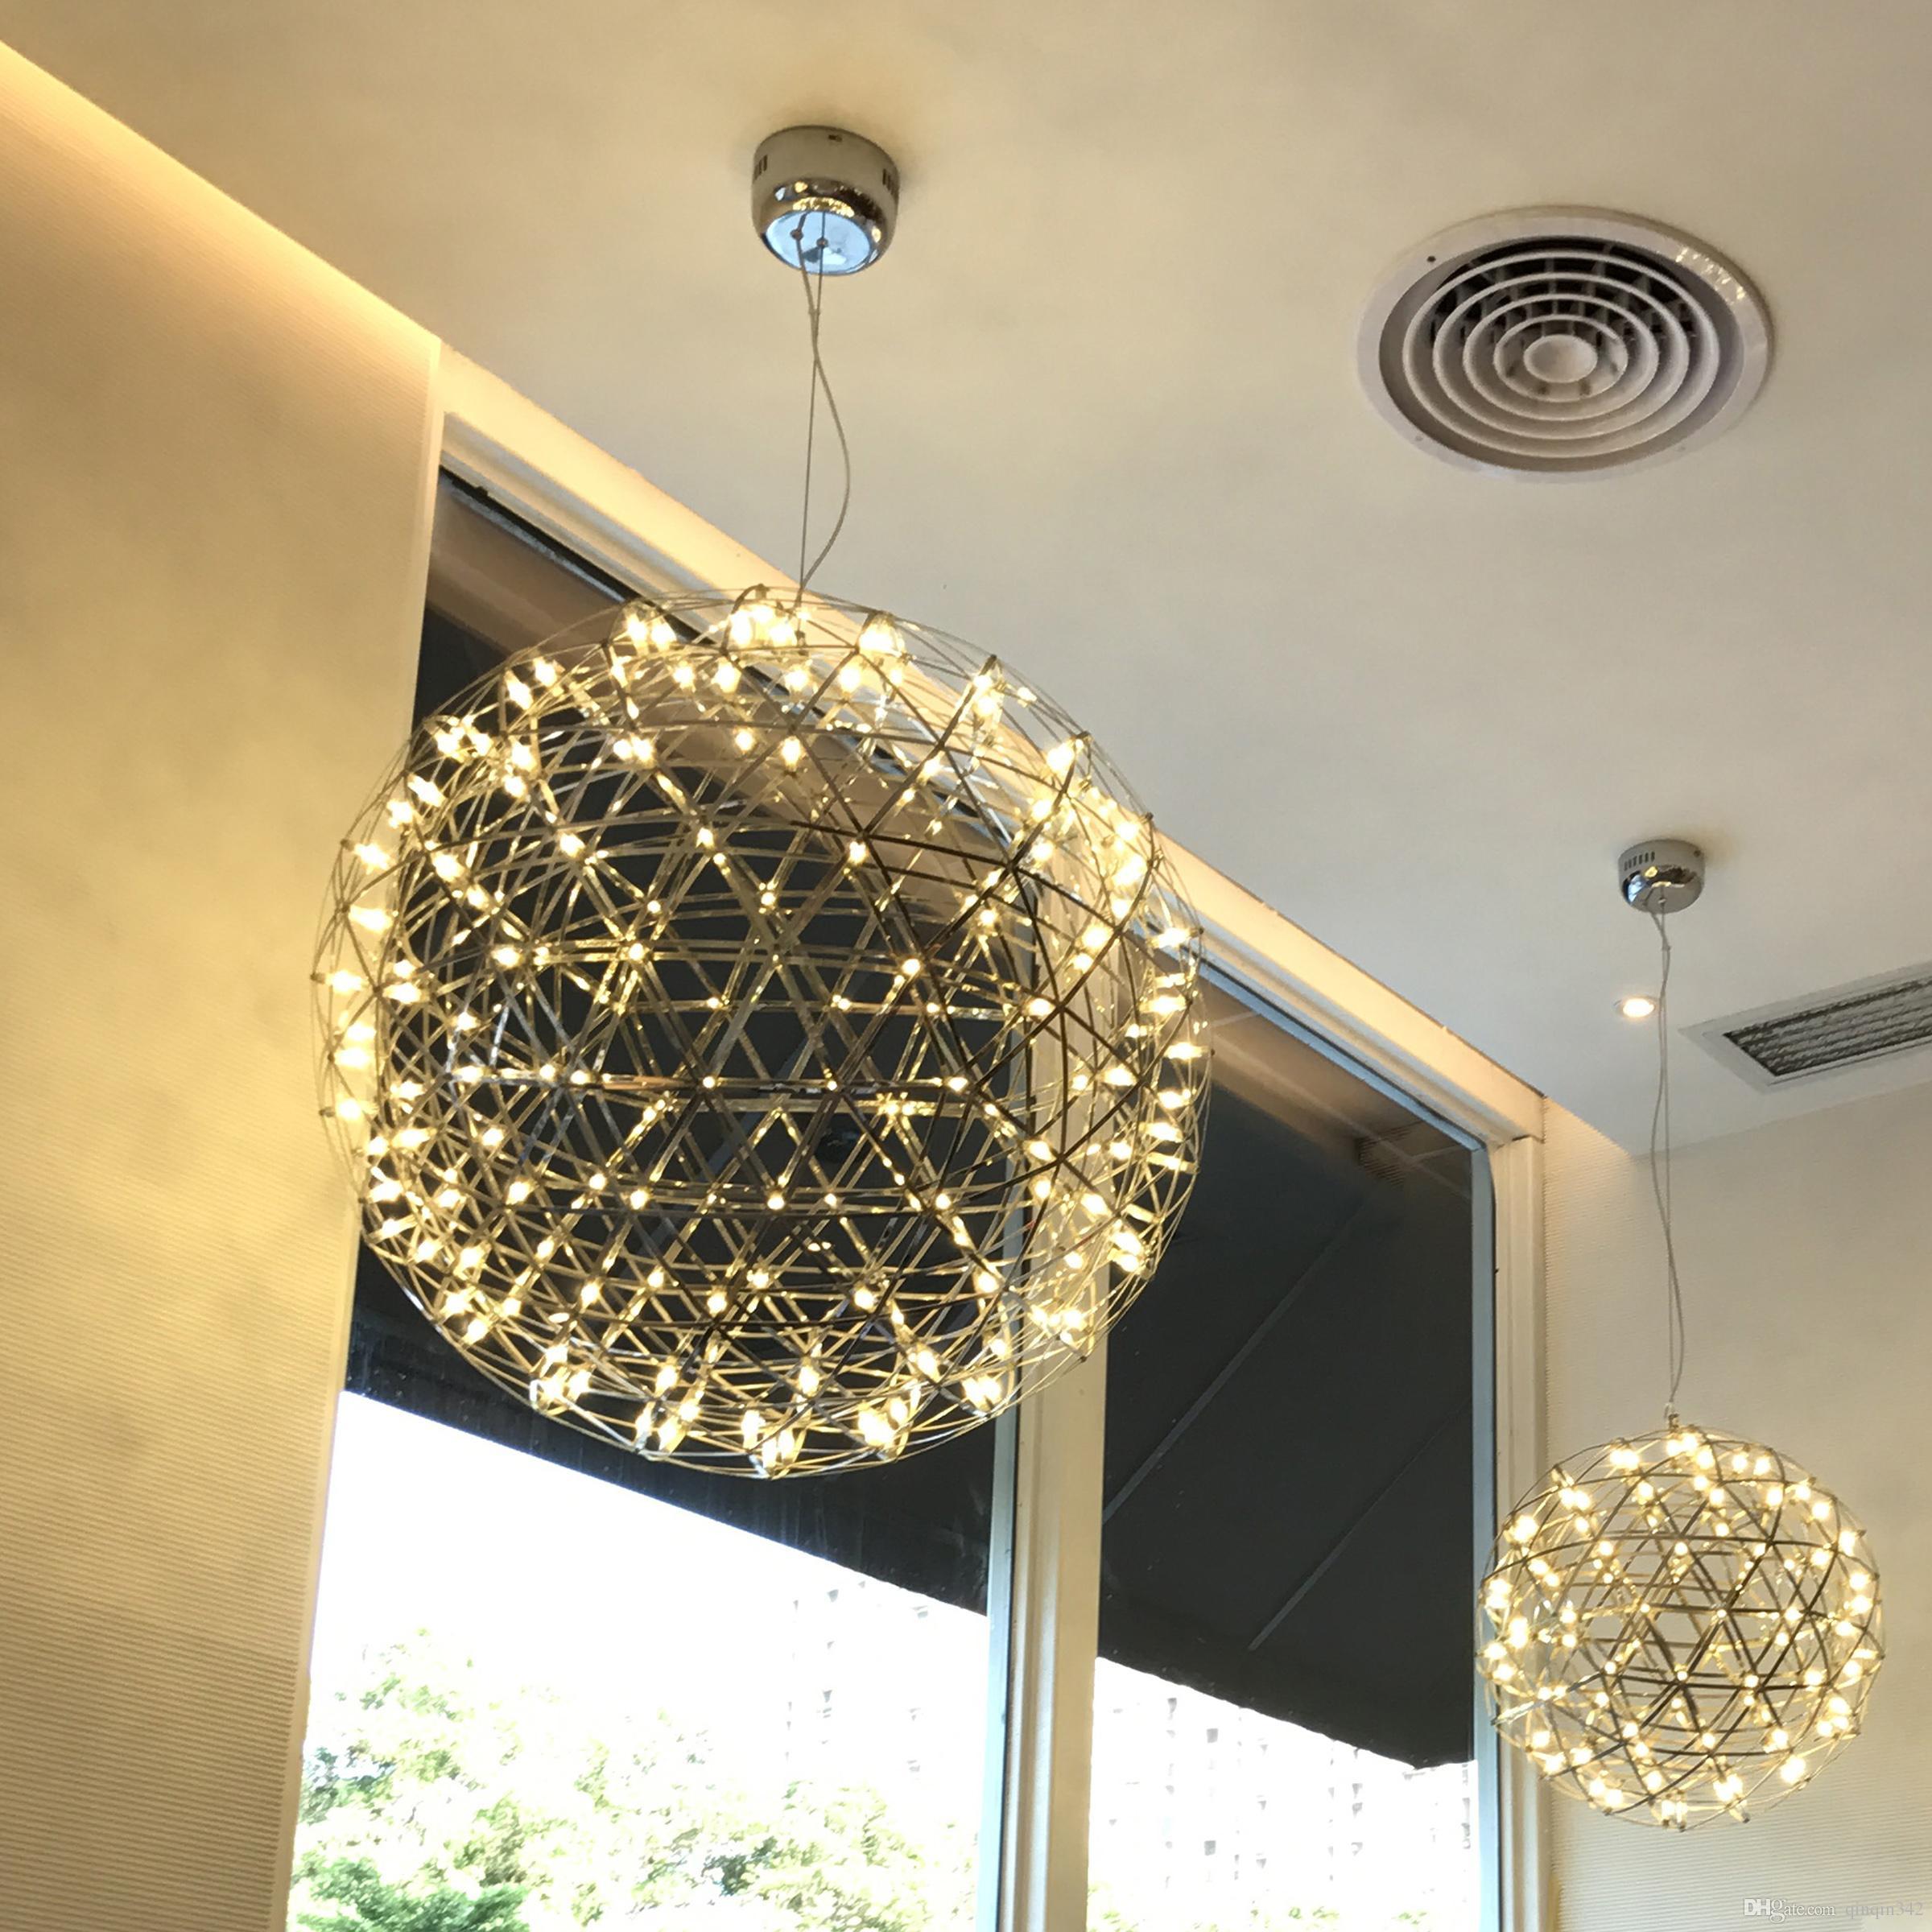 Großhandel moderne Wohnzimmer Pendelleuchte Edelstahl Kugel führte Feuerwerk Licht Restaurant Villa Hotel Projekt Beleuchtung von qinqin342